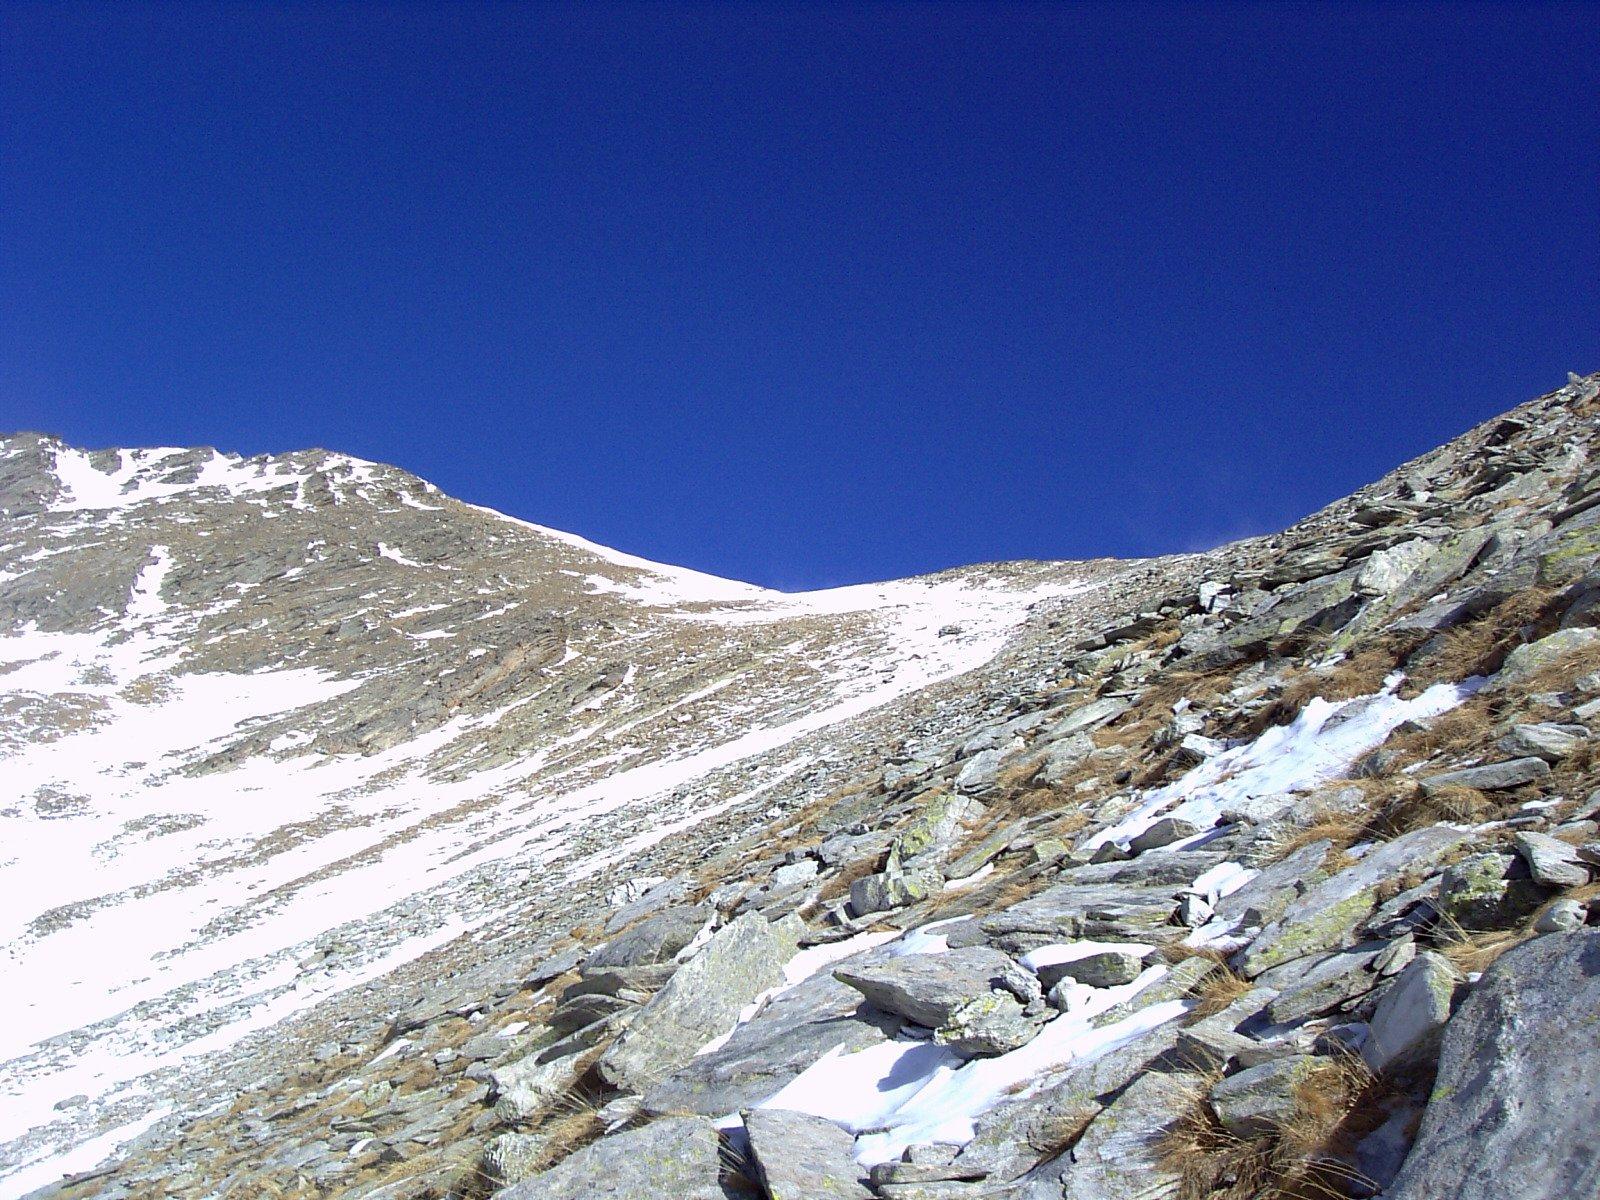 Da poco sopra il lago Reisassa, la pietraia del fianco della cresta Sud con il colletto e la cima (foto A. Valfrè).